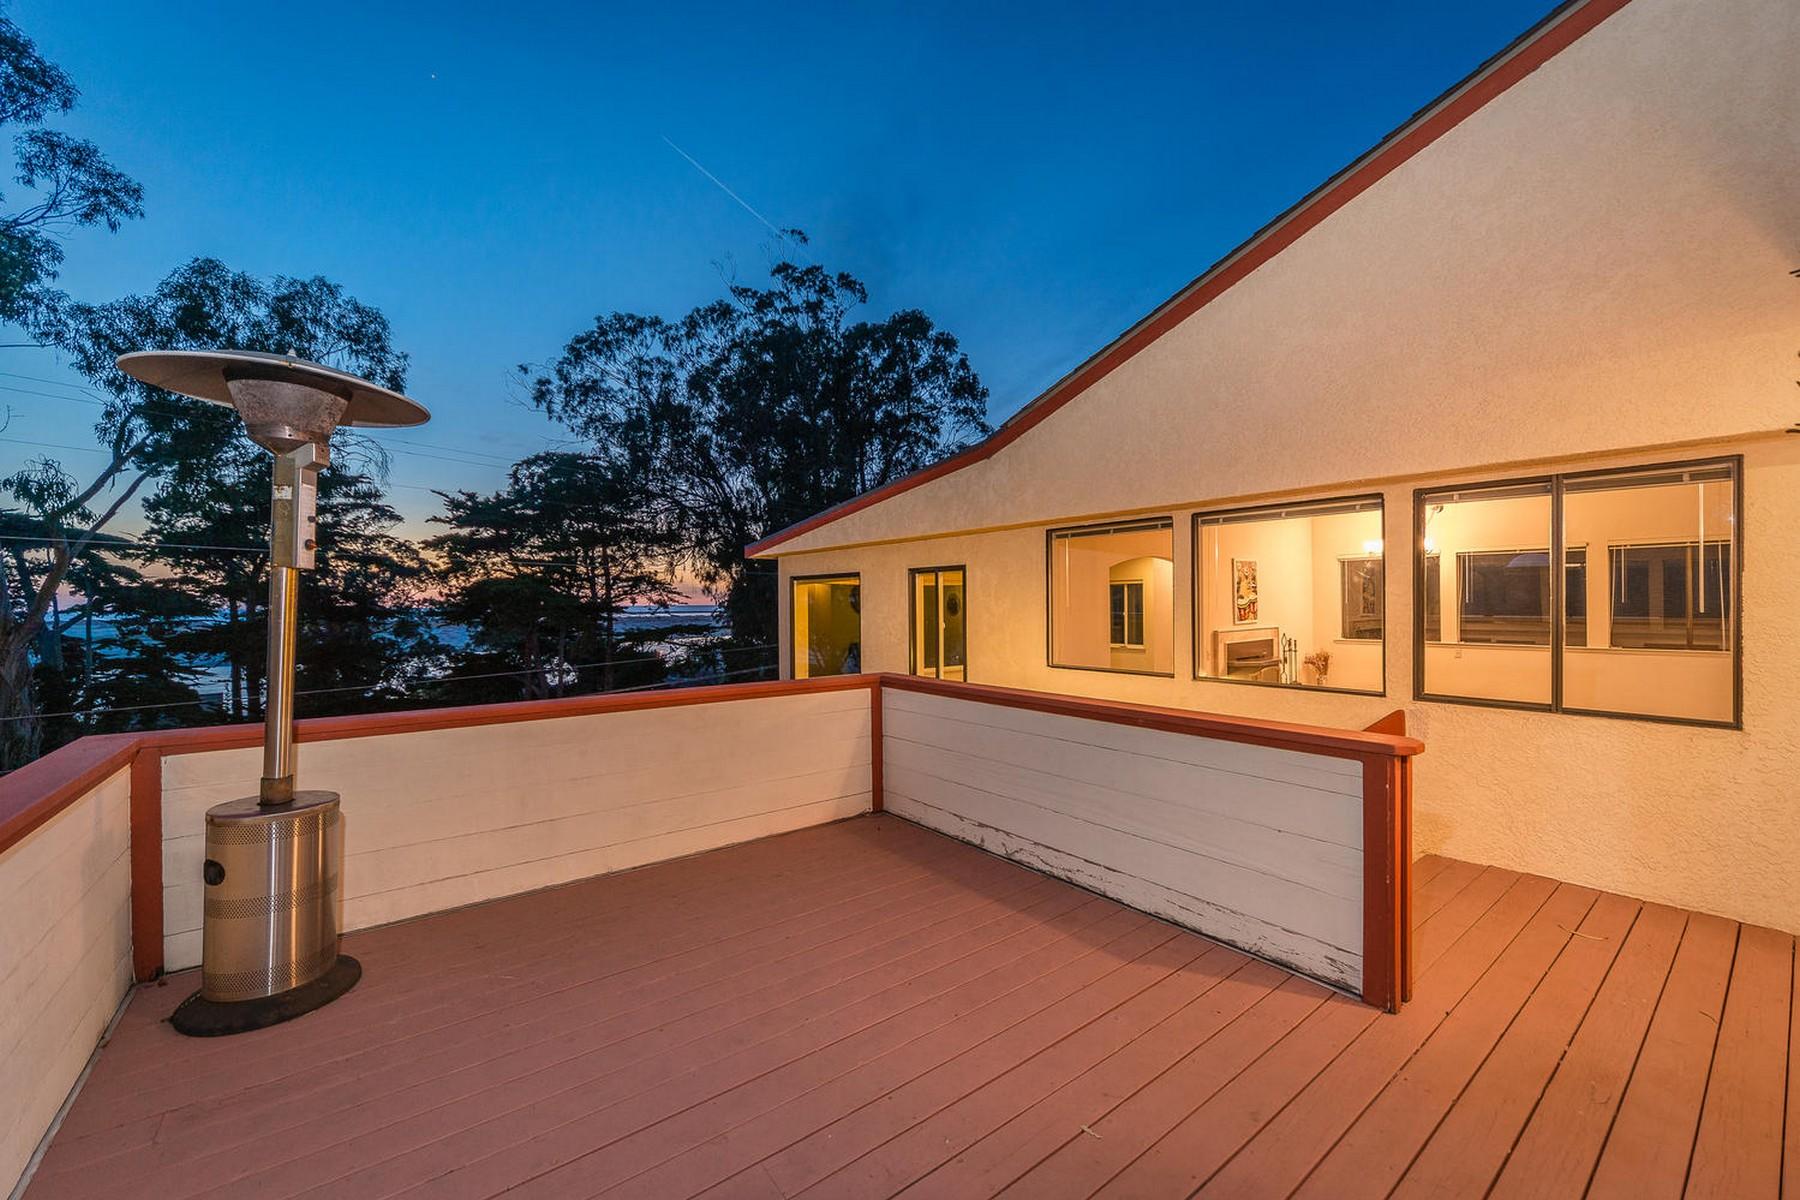 Maison unifamiliale pour l Vente à Bayview Living at its Finest 372 Main Street Morro Bay, Californie 93442 États-Unis